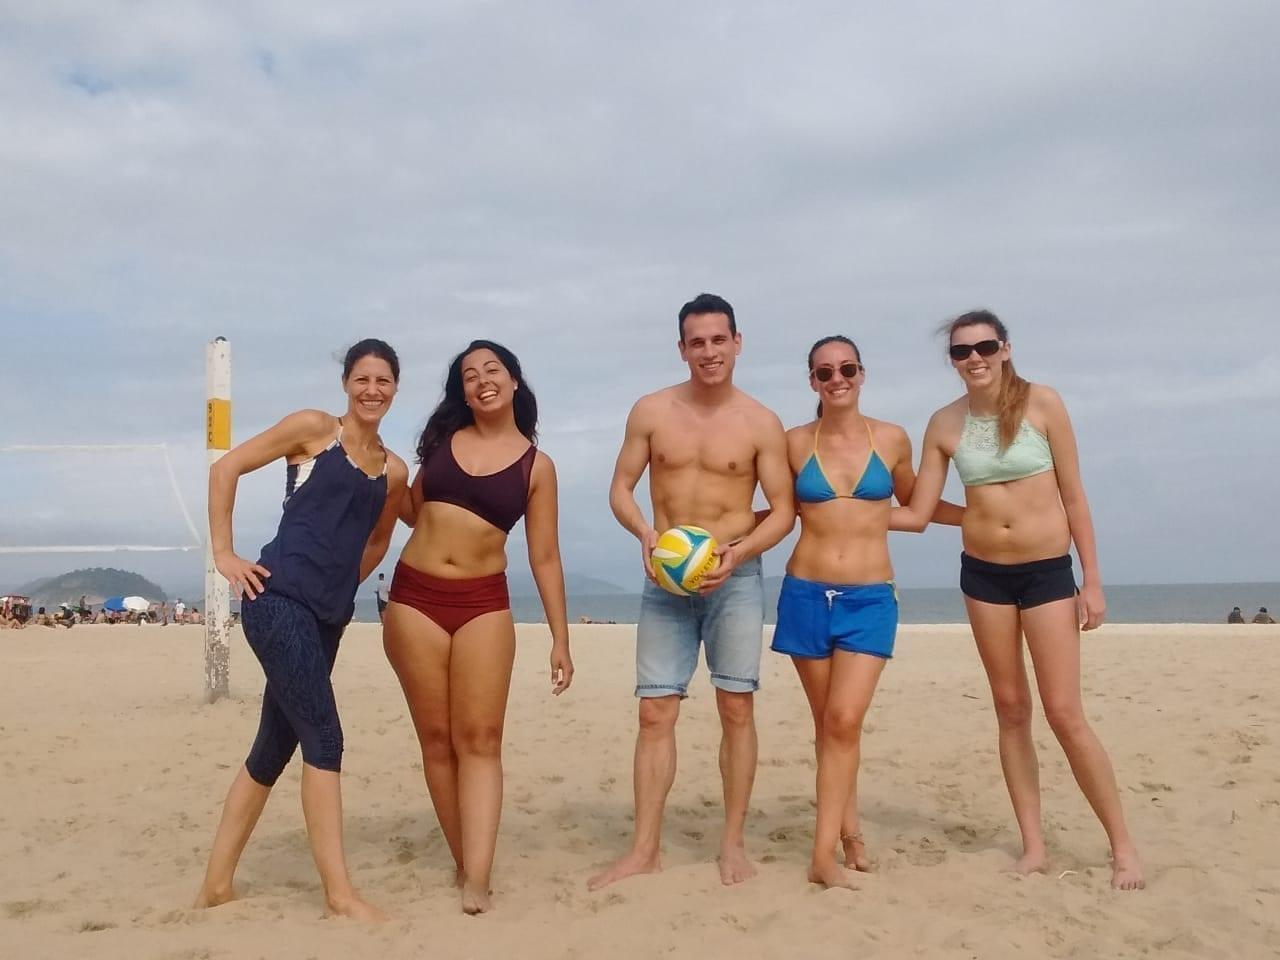 Vôlei de praia nas areias de Copacabana